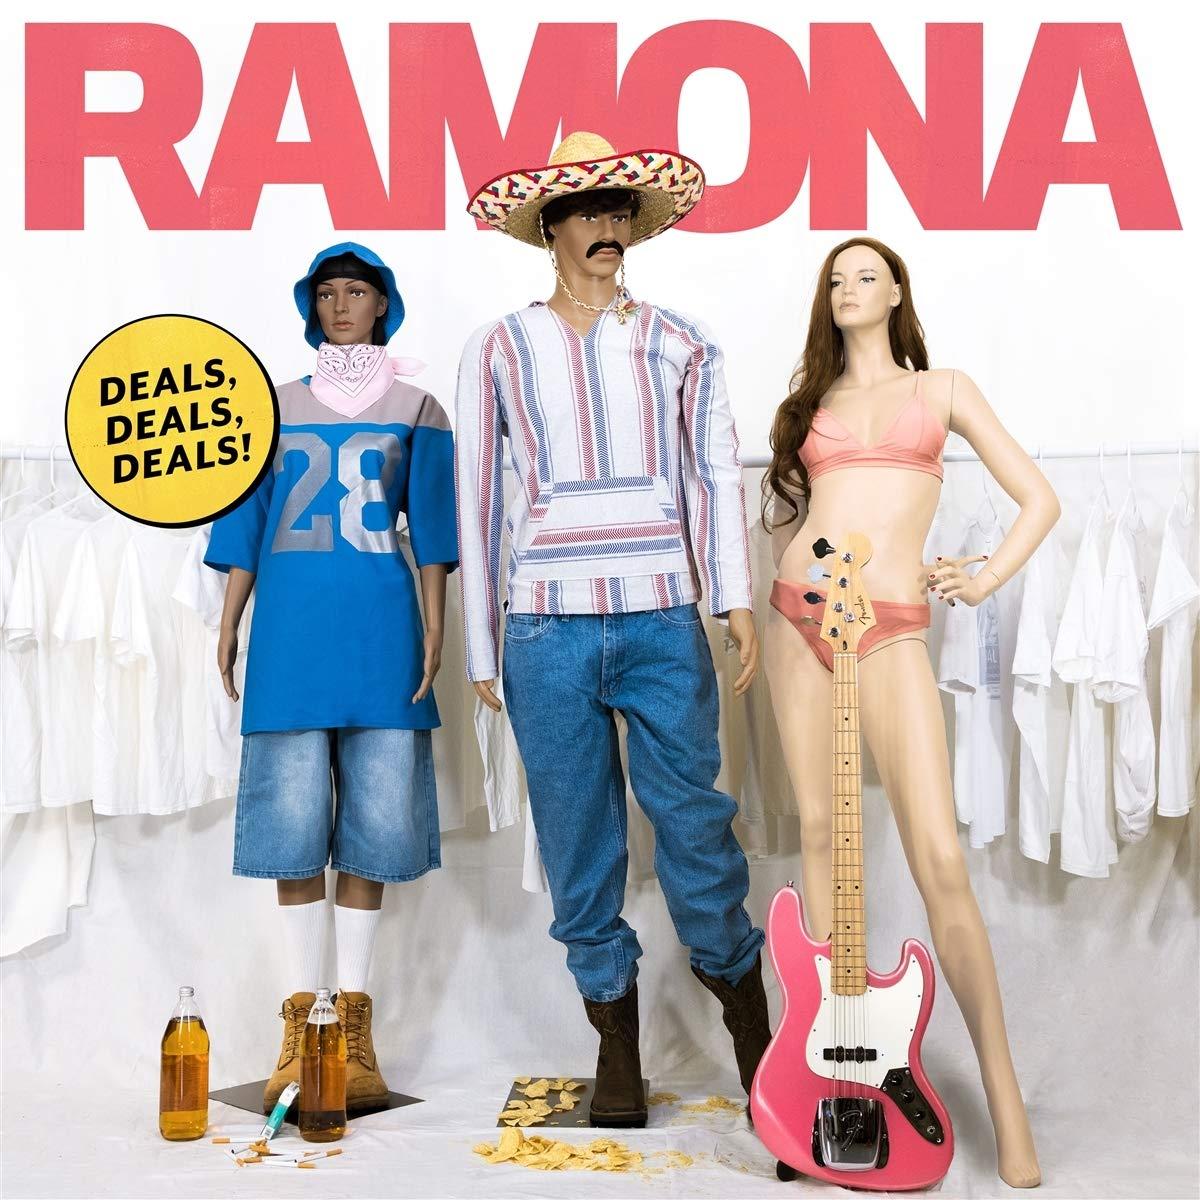 Ramona – Deals, Deals, Deals! (2019) [FLAC]